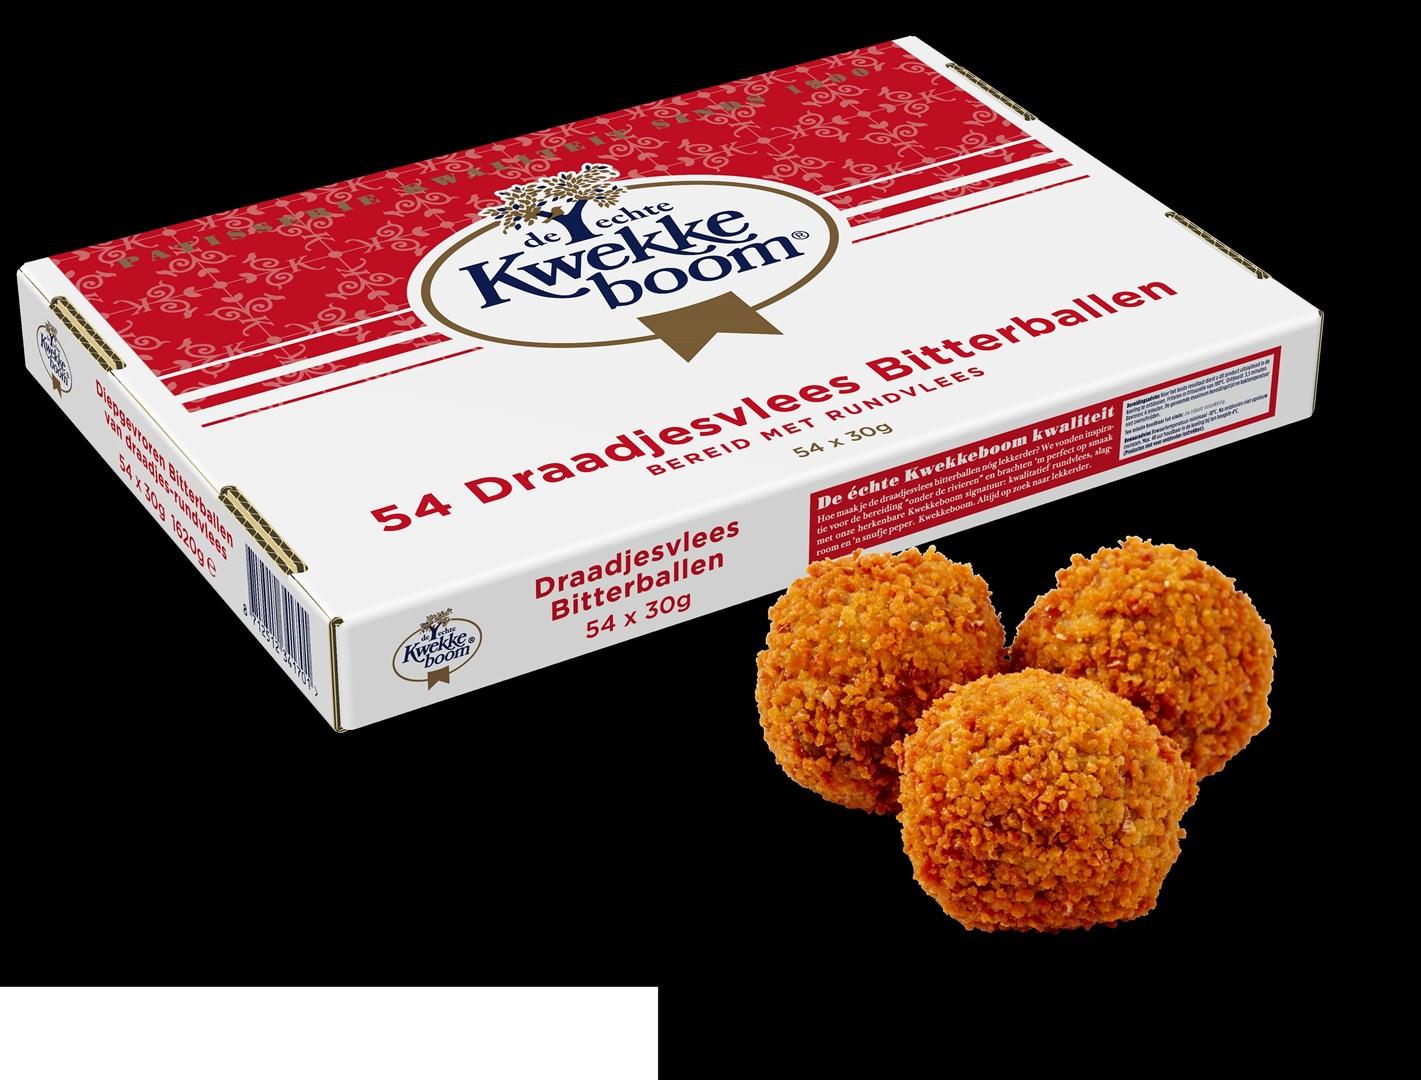 Productafbeelding 34170 Draadjesvlees Bitterballen 1620g